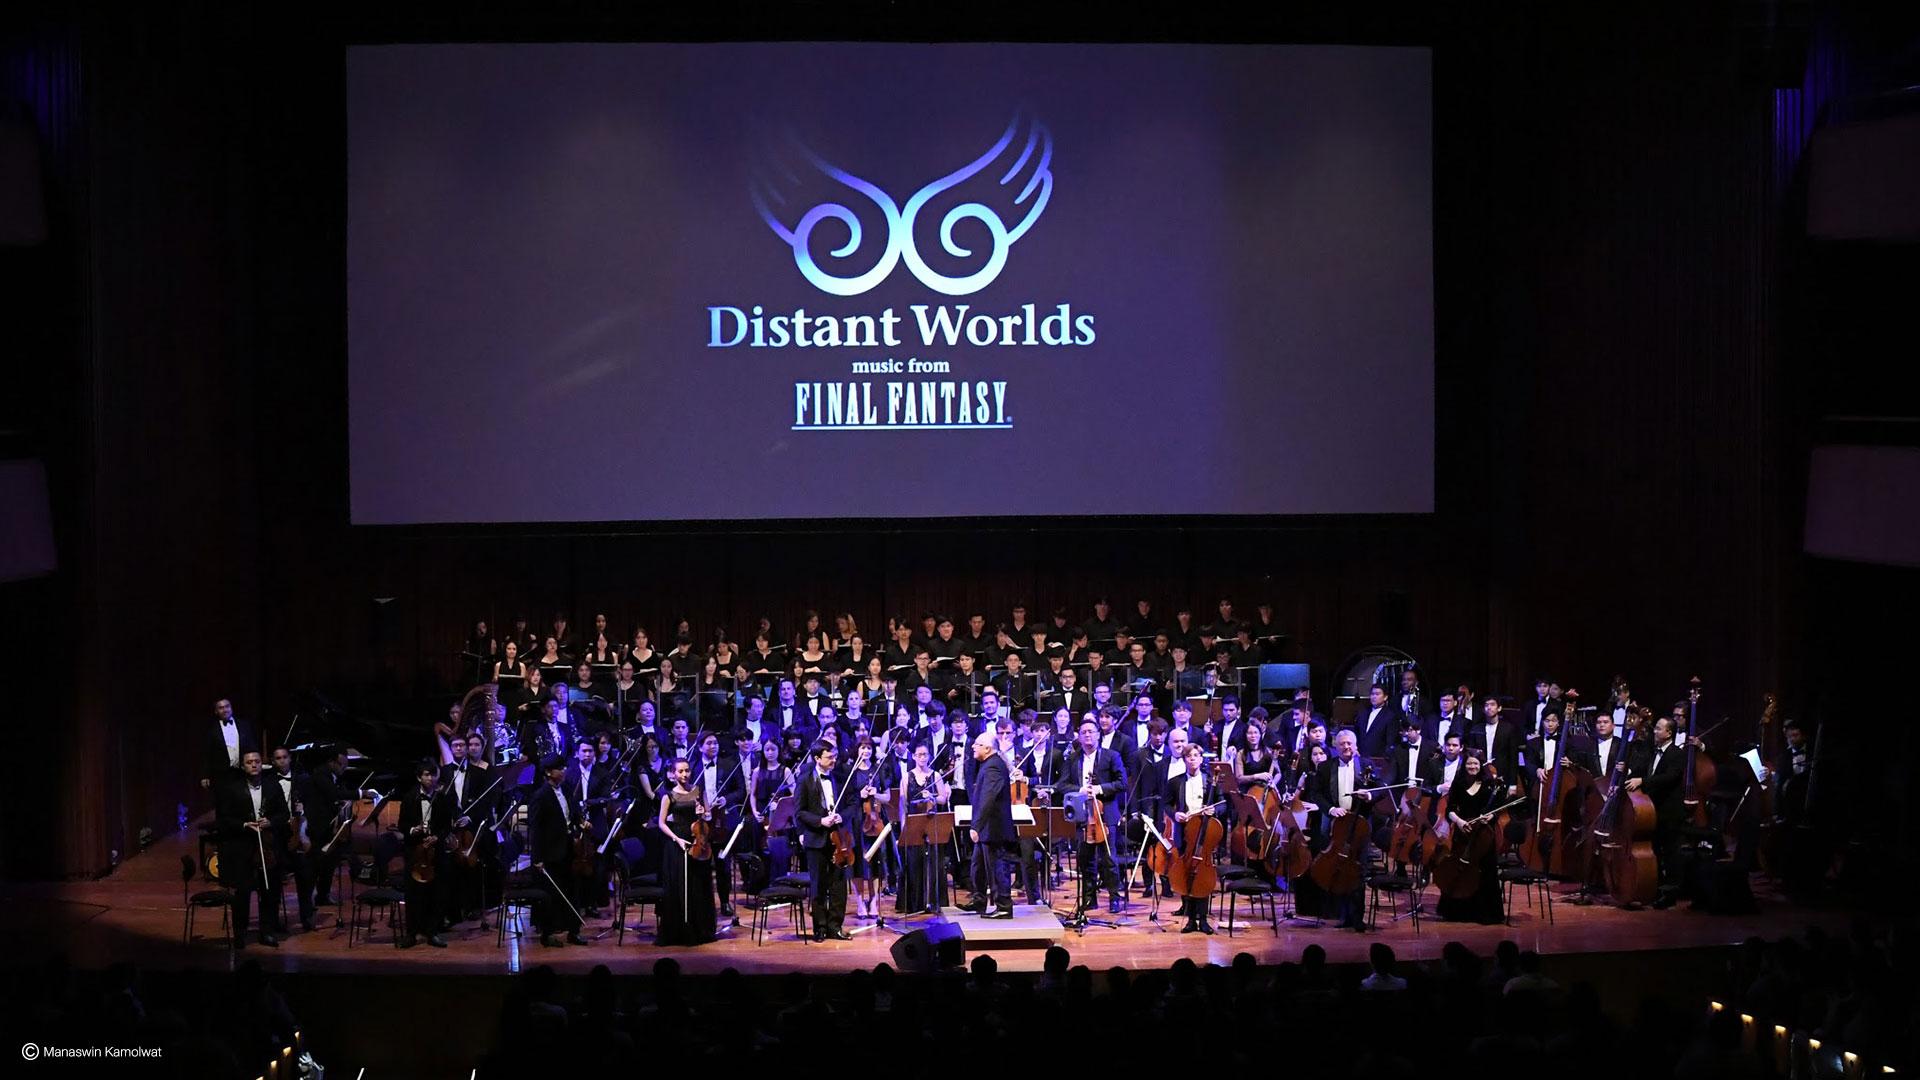 รีวิวคอนเสิร์ต Distant Worlds : Music from Final Fantasy ที่แฟนไฟนอลต้องดูให้ได้สักครั้งก็ยังดี